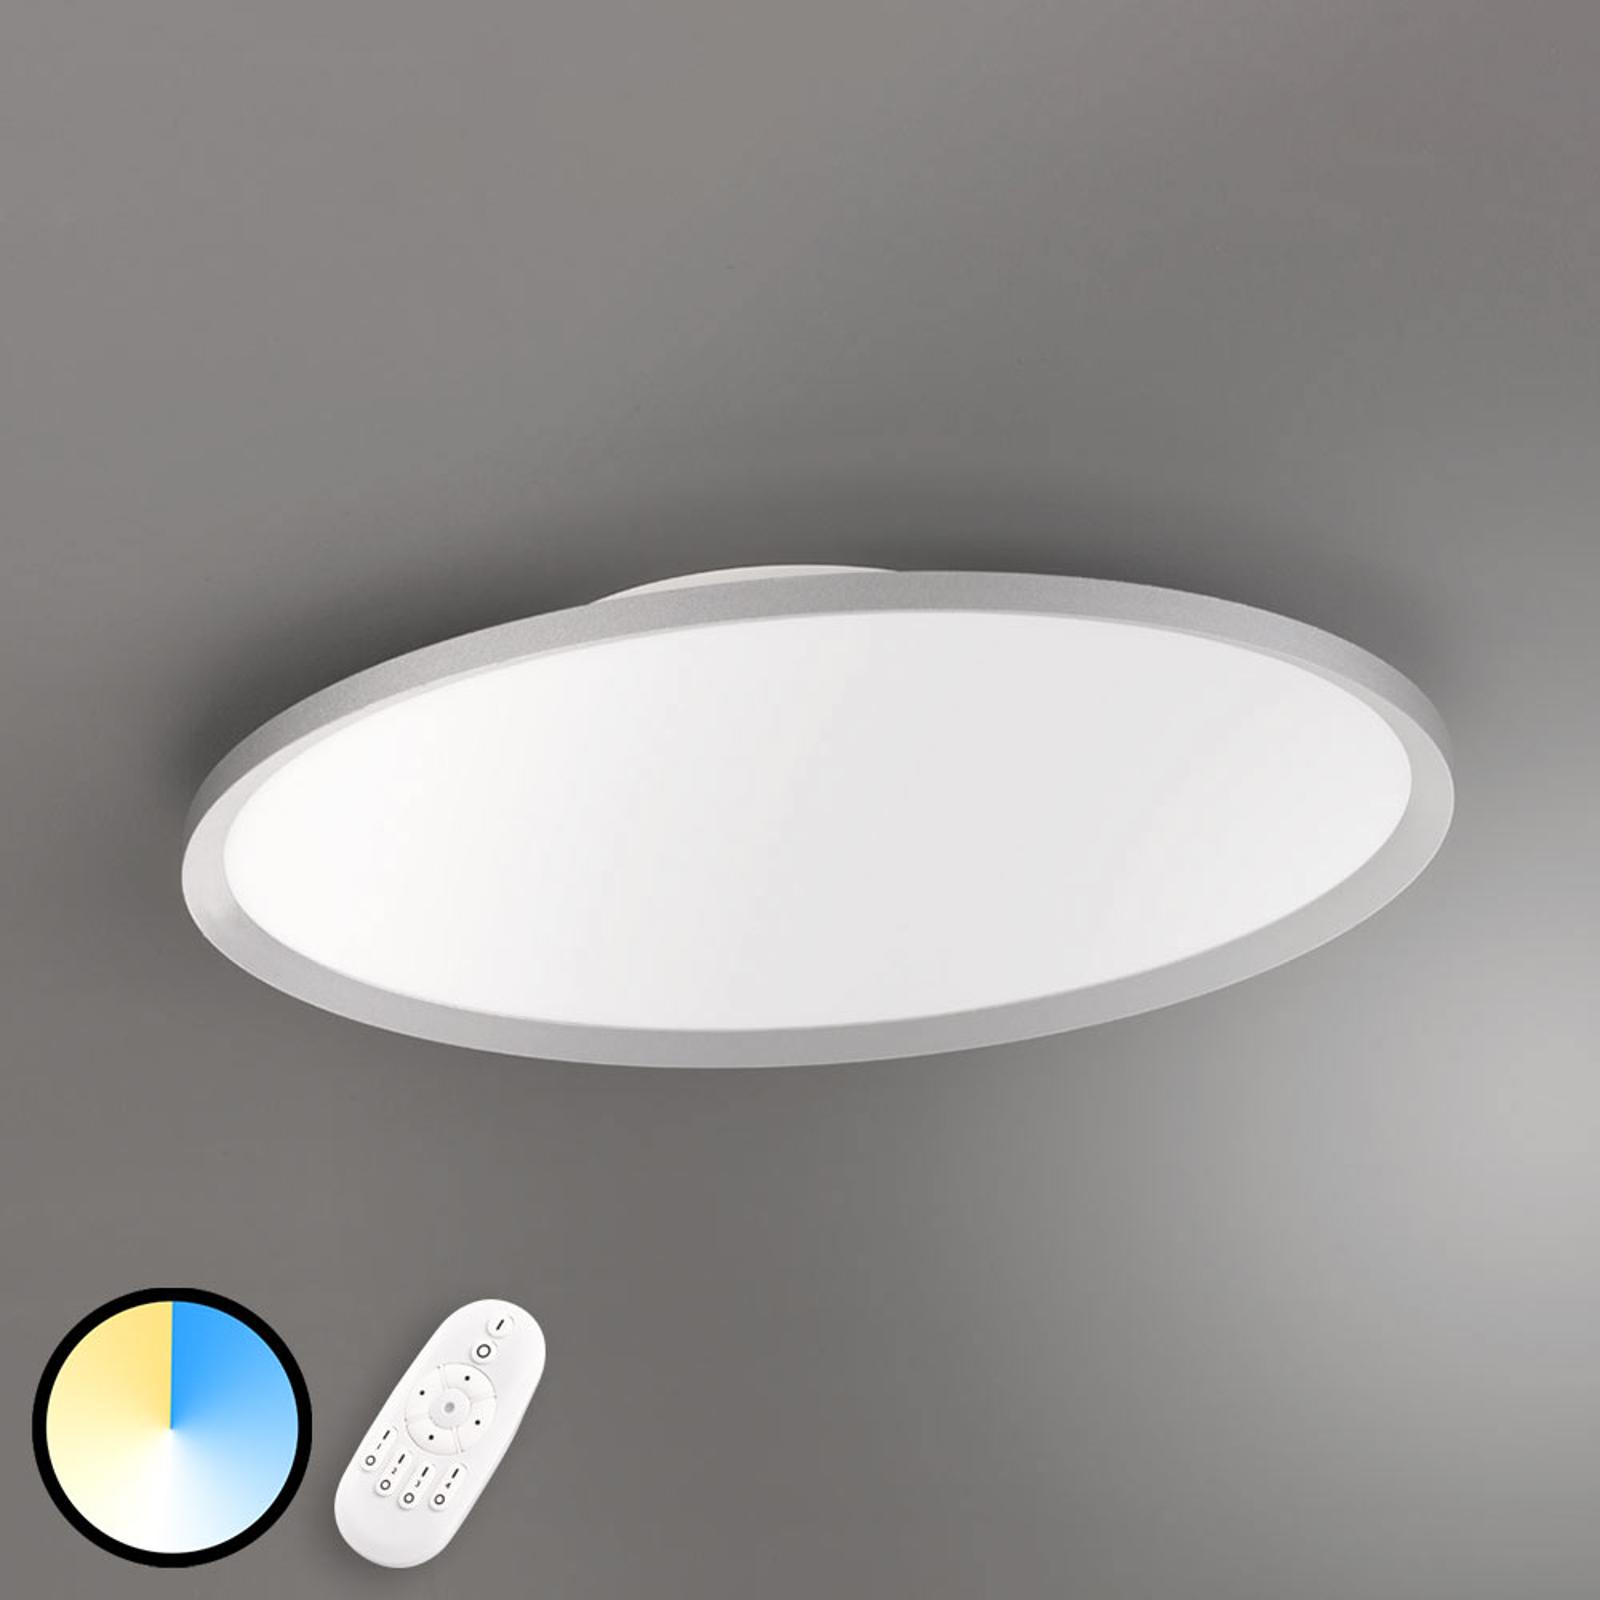 Plafonnier LED multifonctions Torrance, 64cm